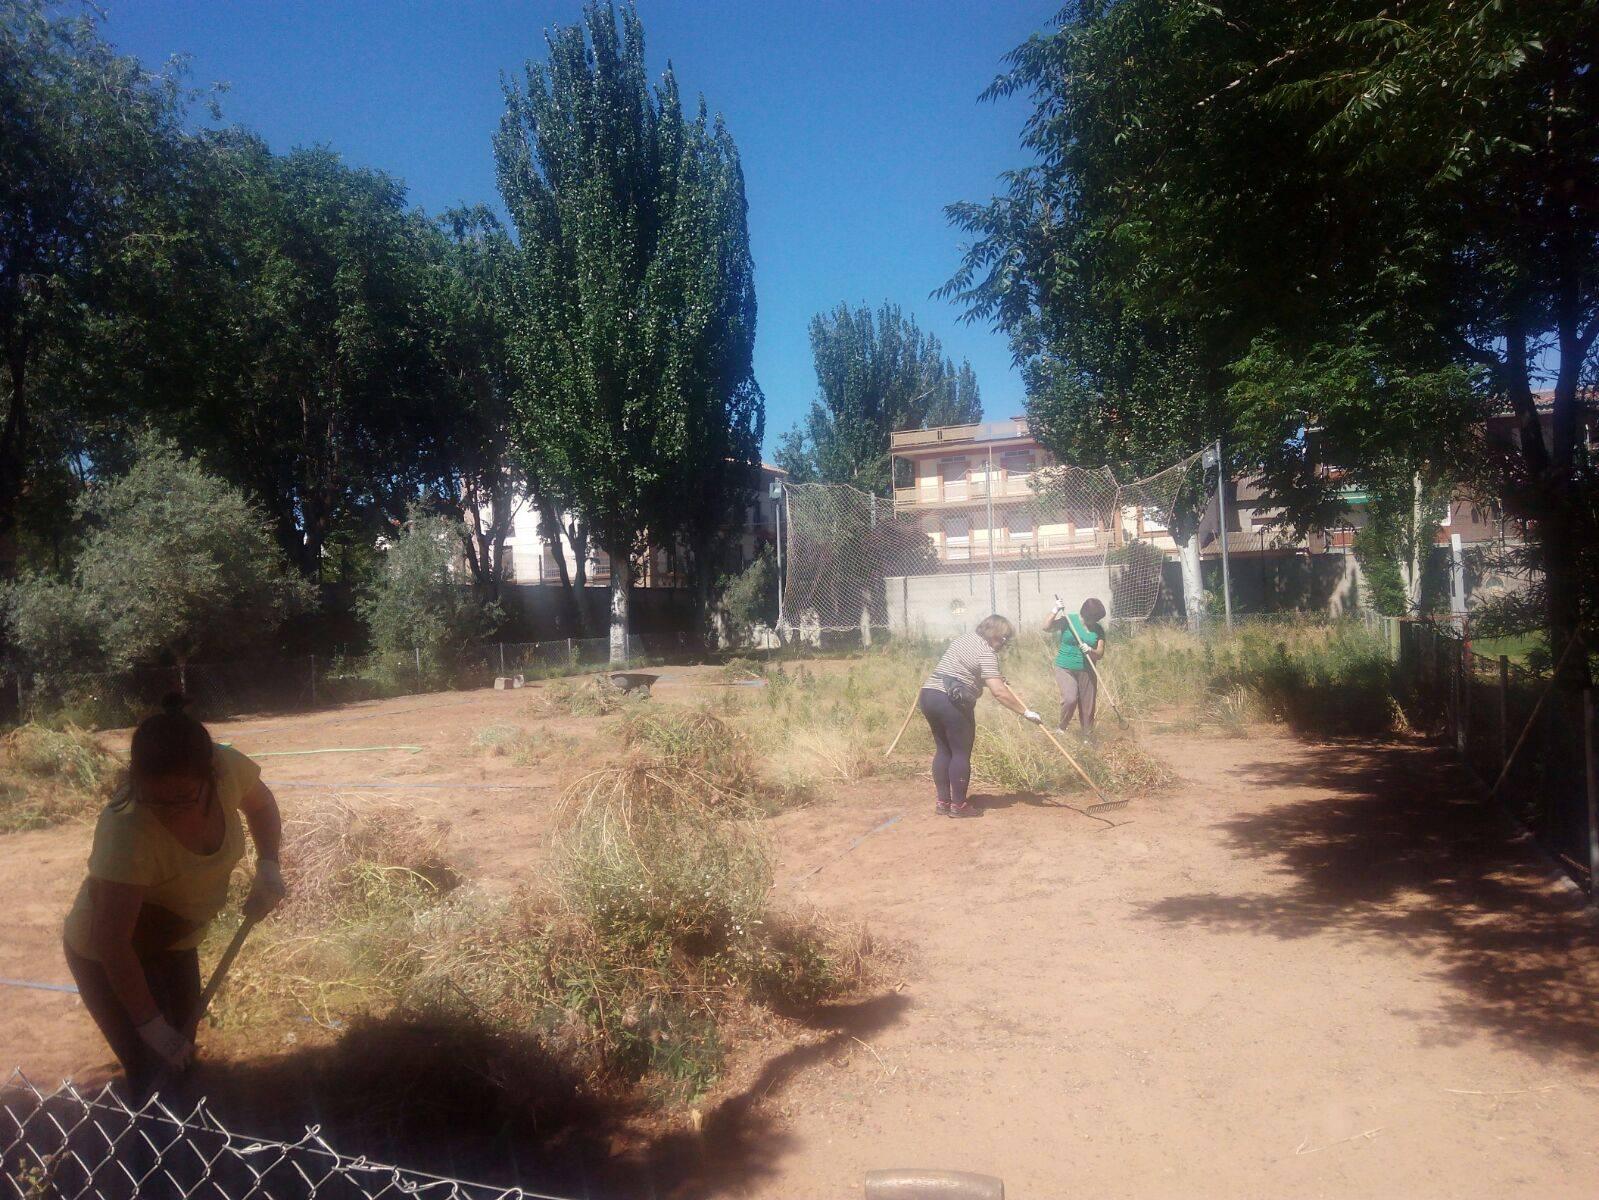 limpieza de entorno piscina herencia - Preparando la Piscina Municipal de Herencia para su próxima apertura